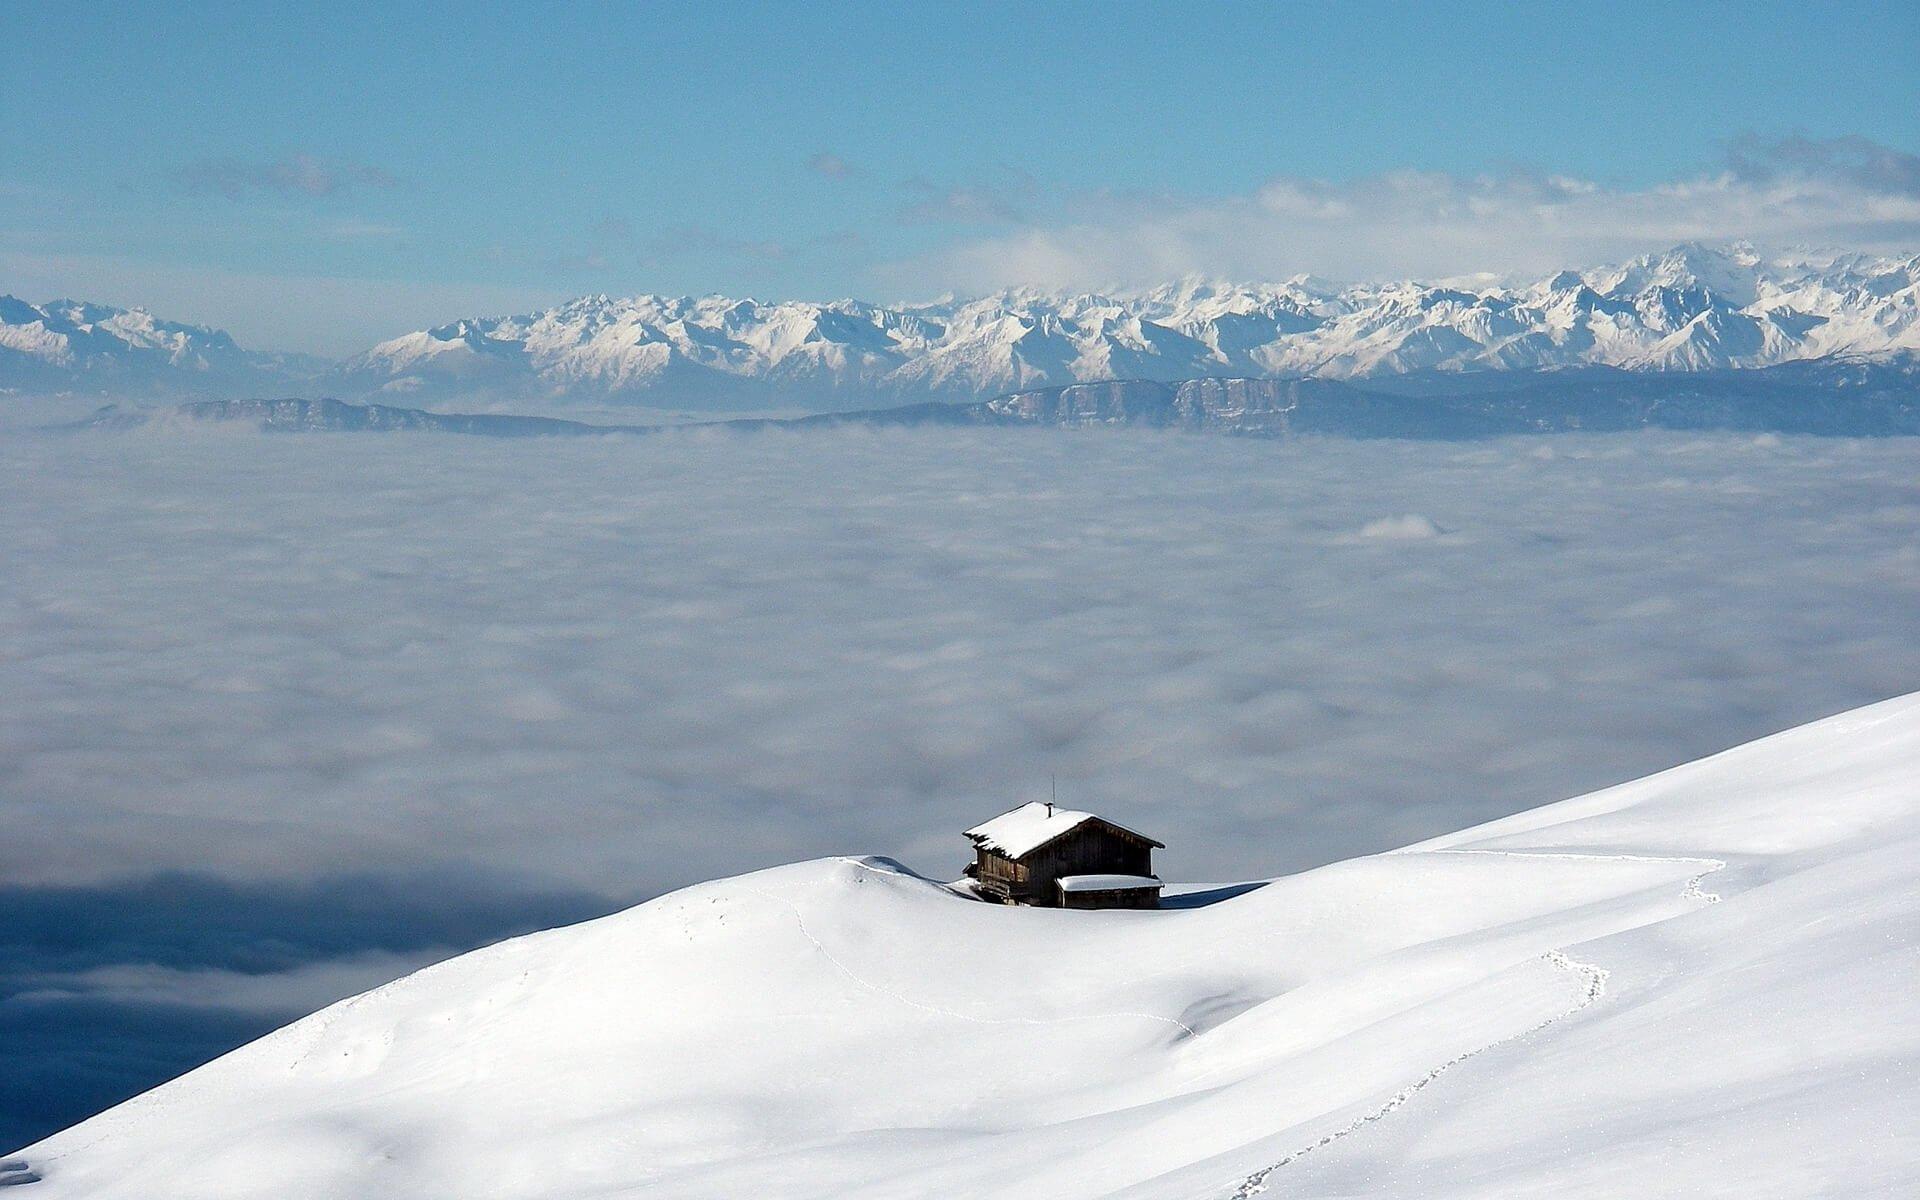 Über dem Nebel herrscht strahlend sonniges, sehr mildes Winterwetter ©pixmartin.